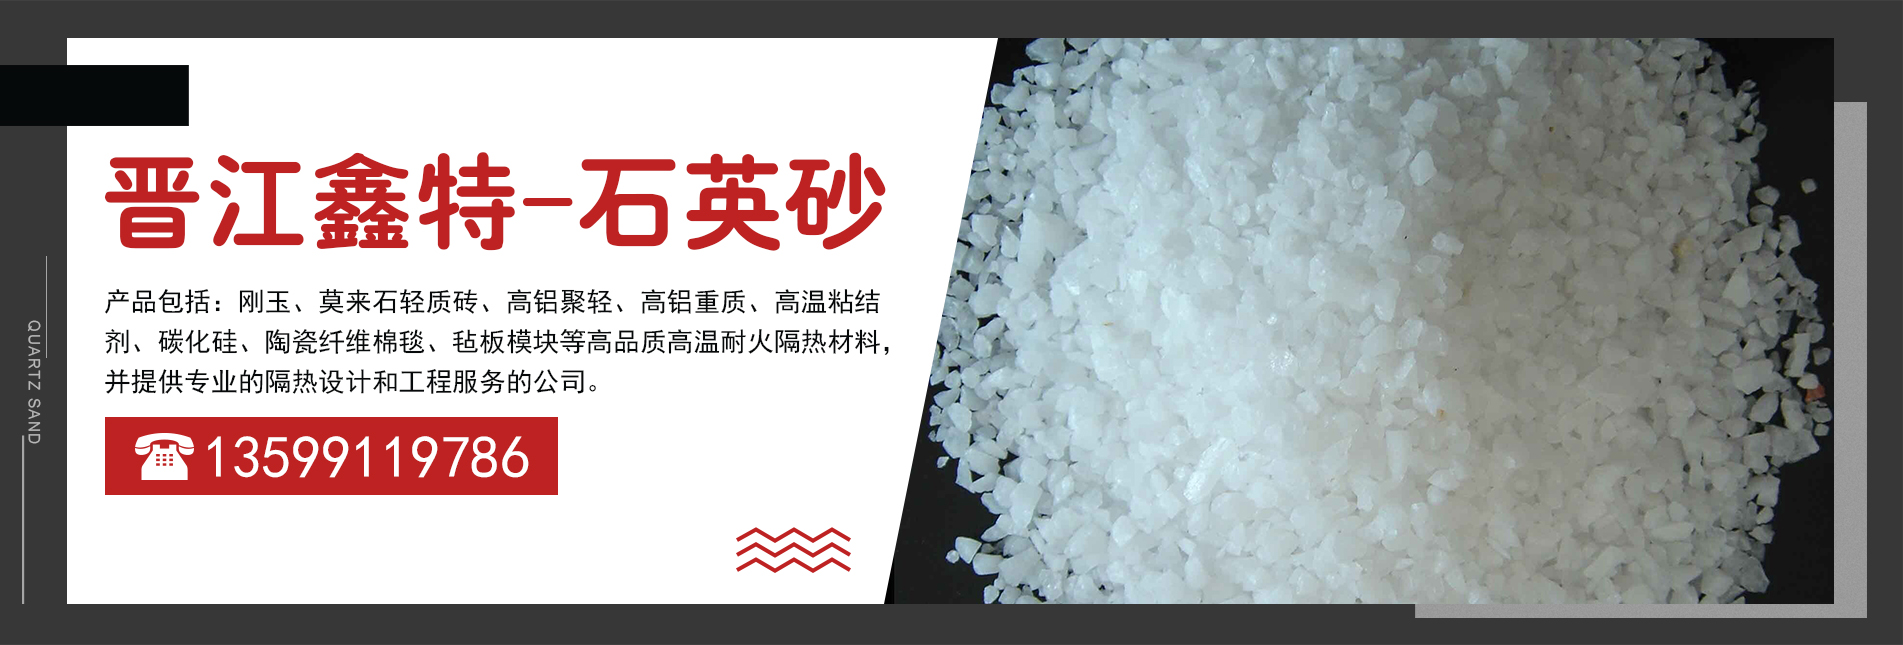 晋江市鑫特建材贸易有限公司-产品中心